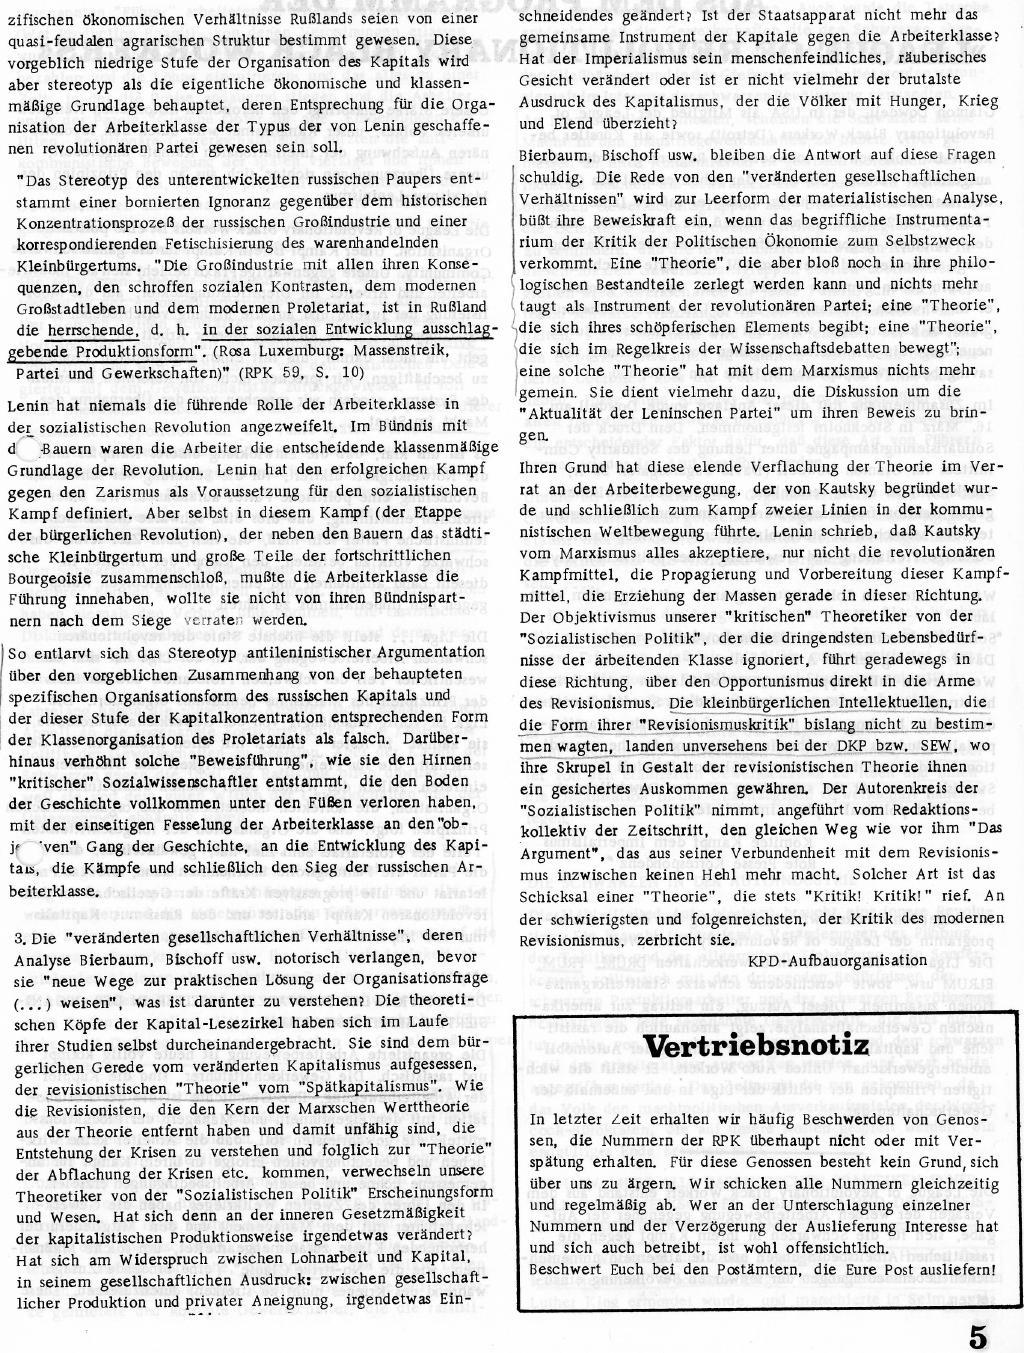 RPK_1971_108_05